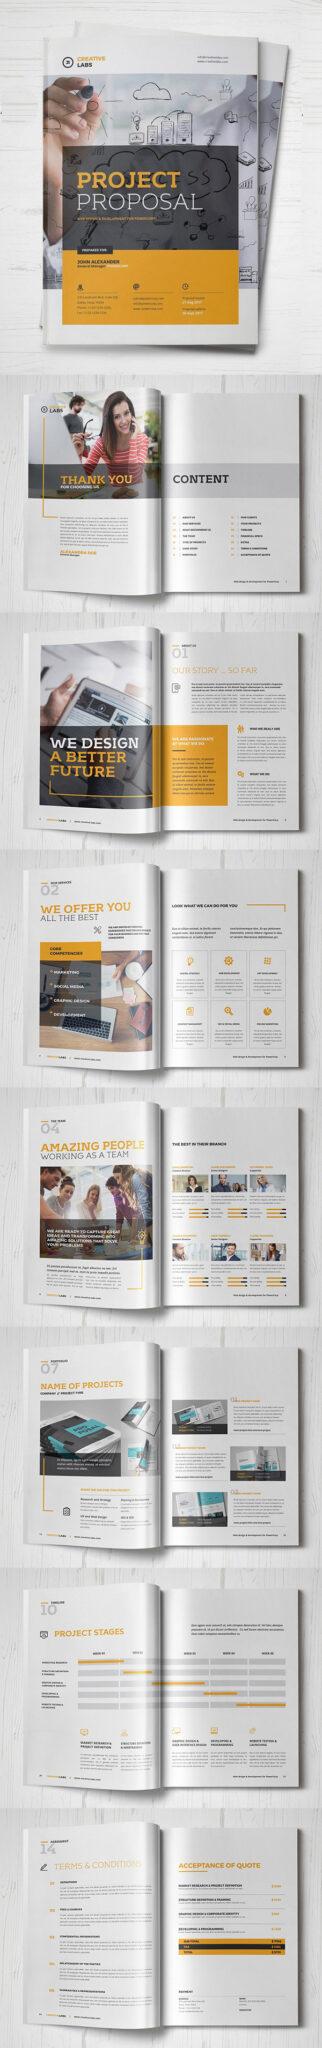 Diseño de mockups de propuesta de negocio profesional - 20